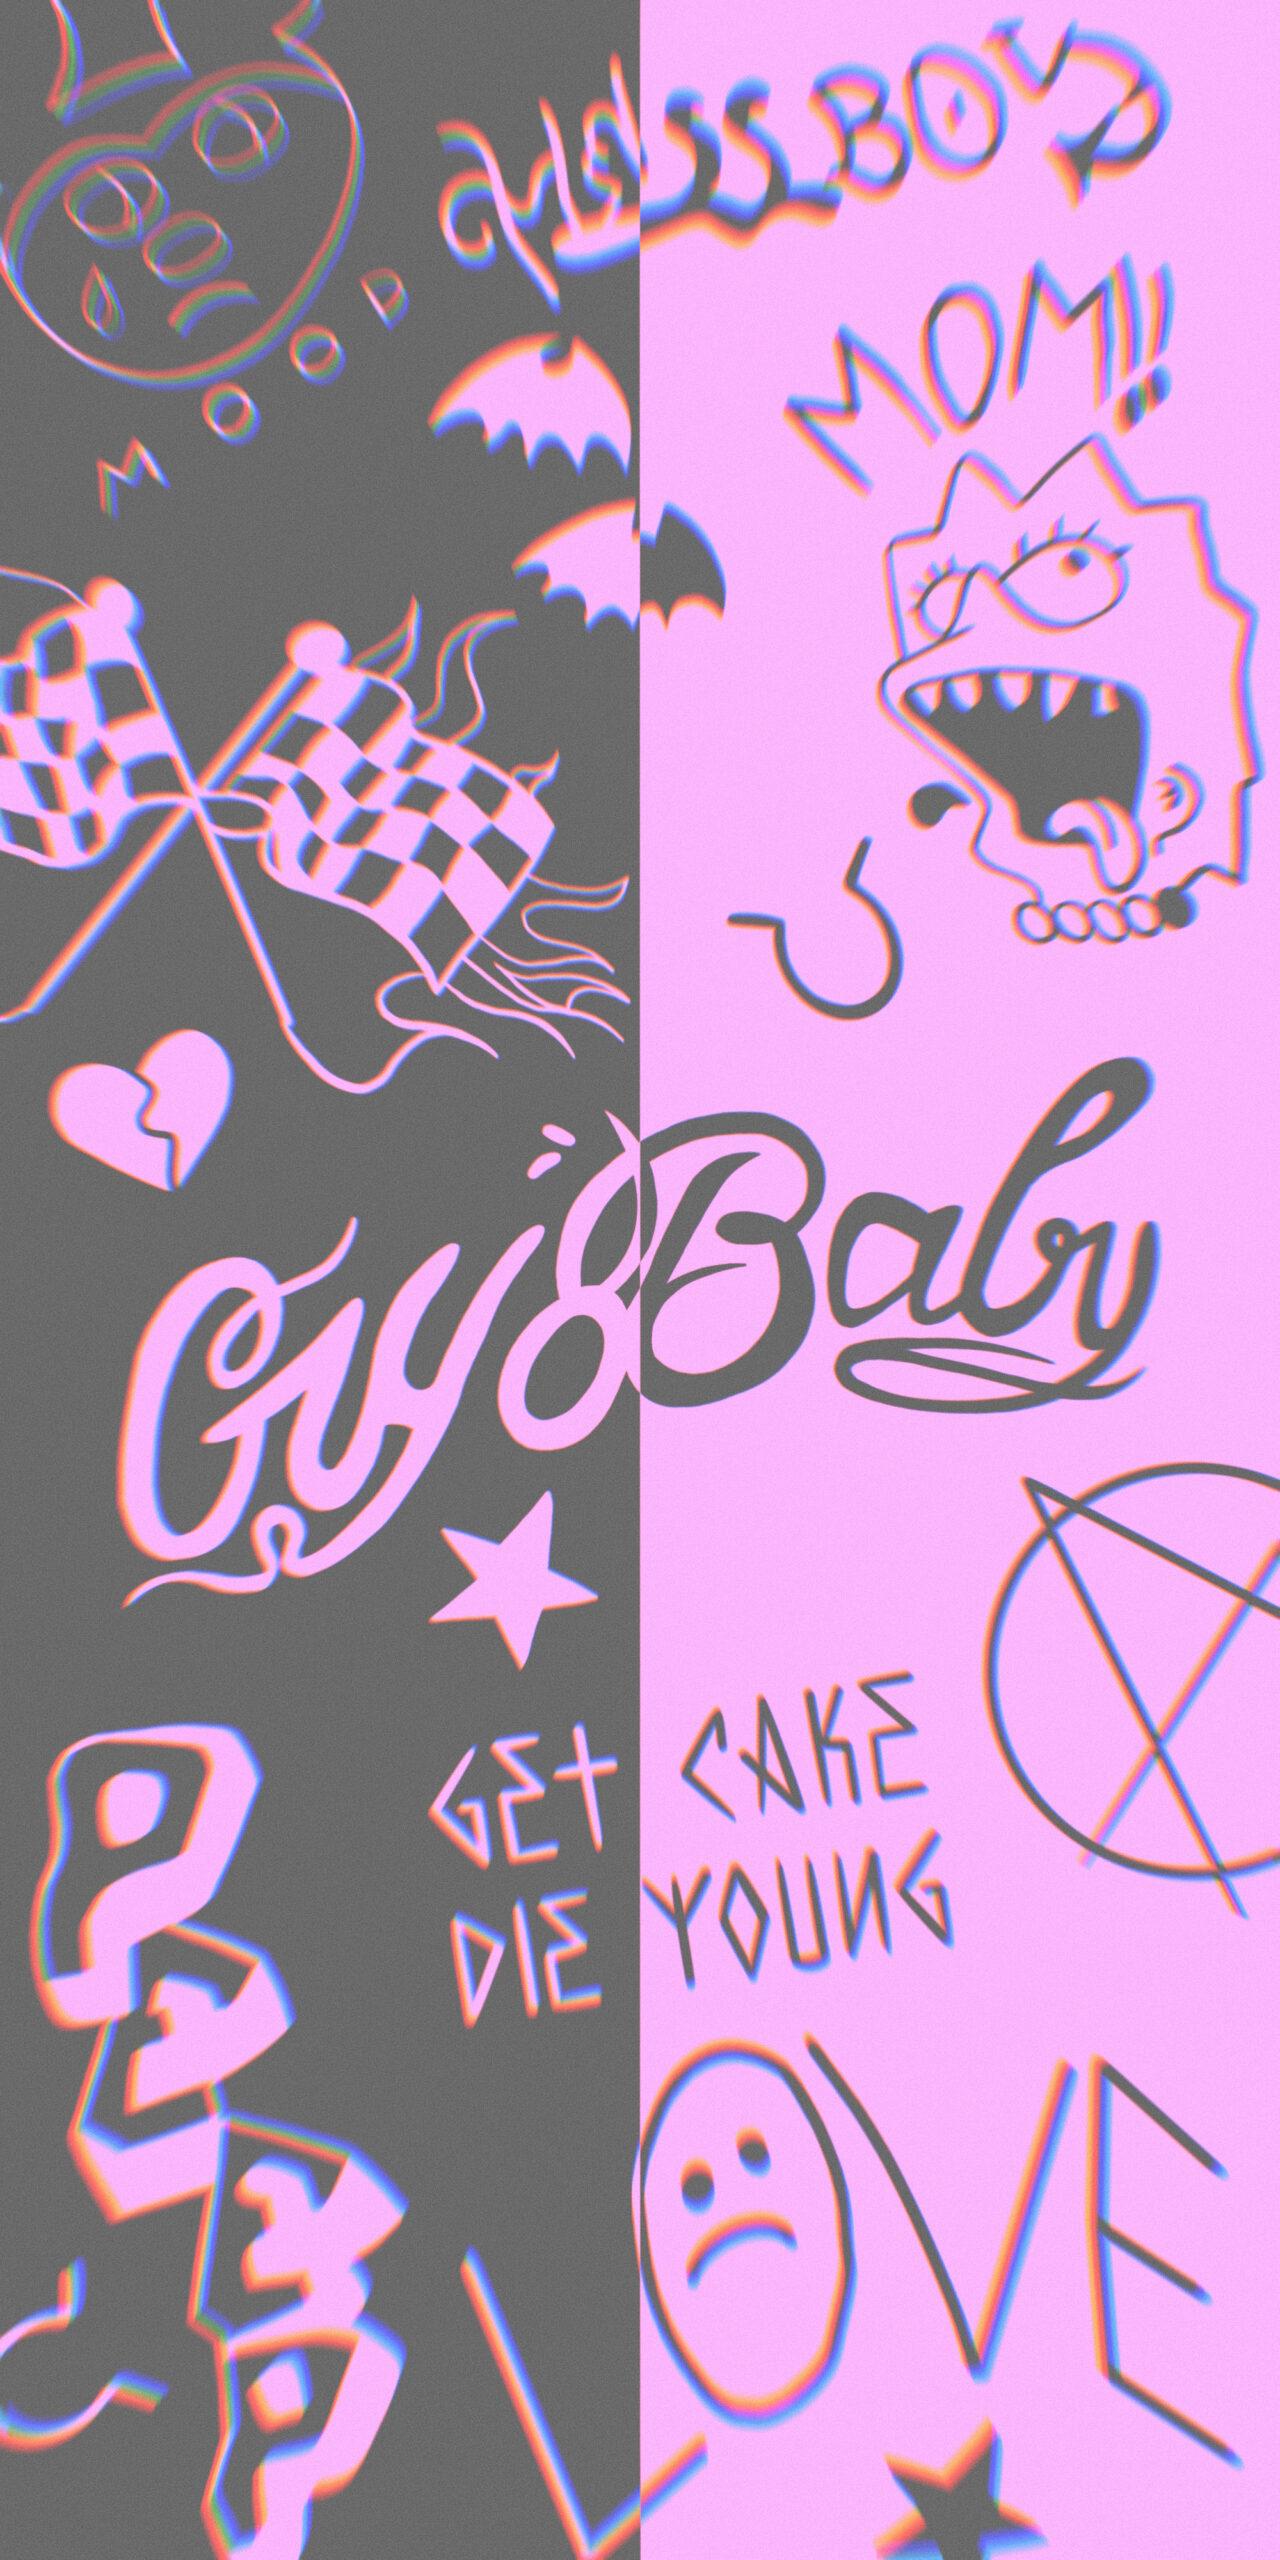 lil peep tattoos pink black backgroud wallpaper